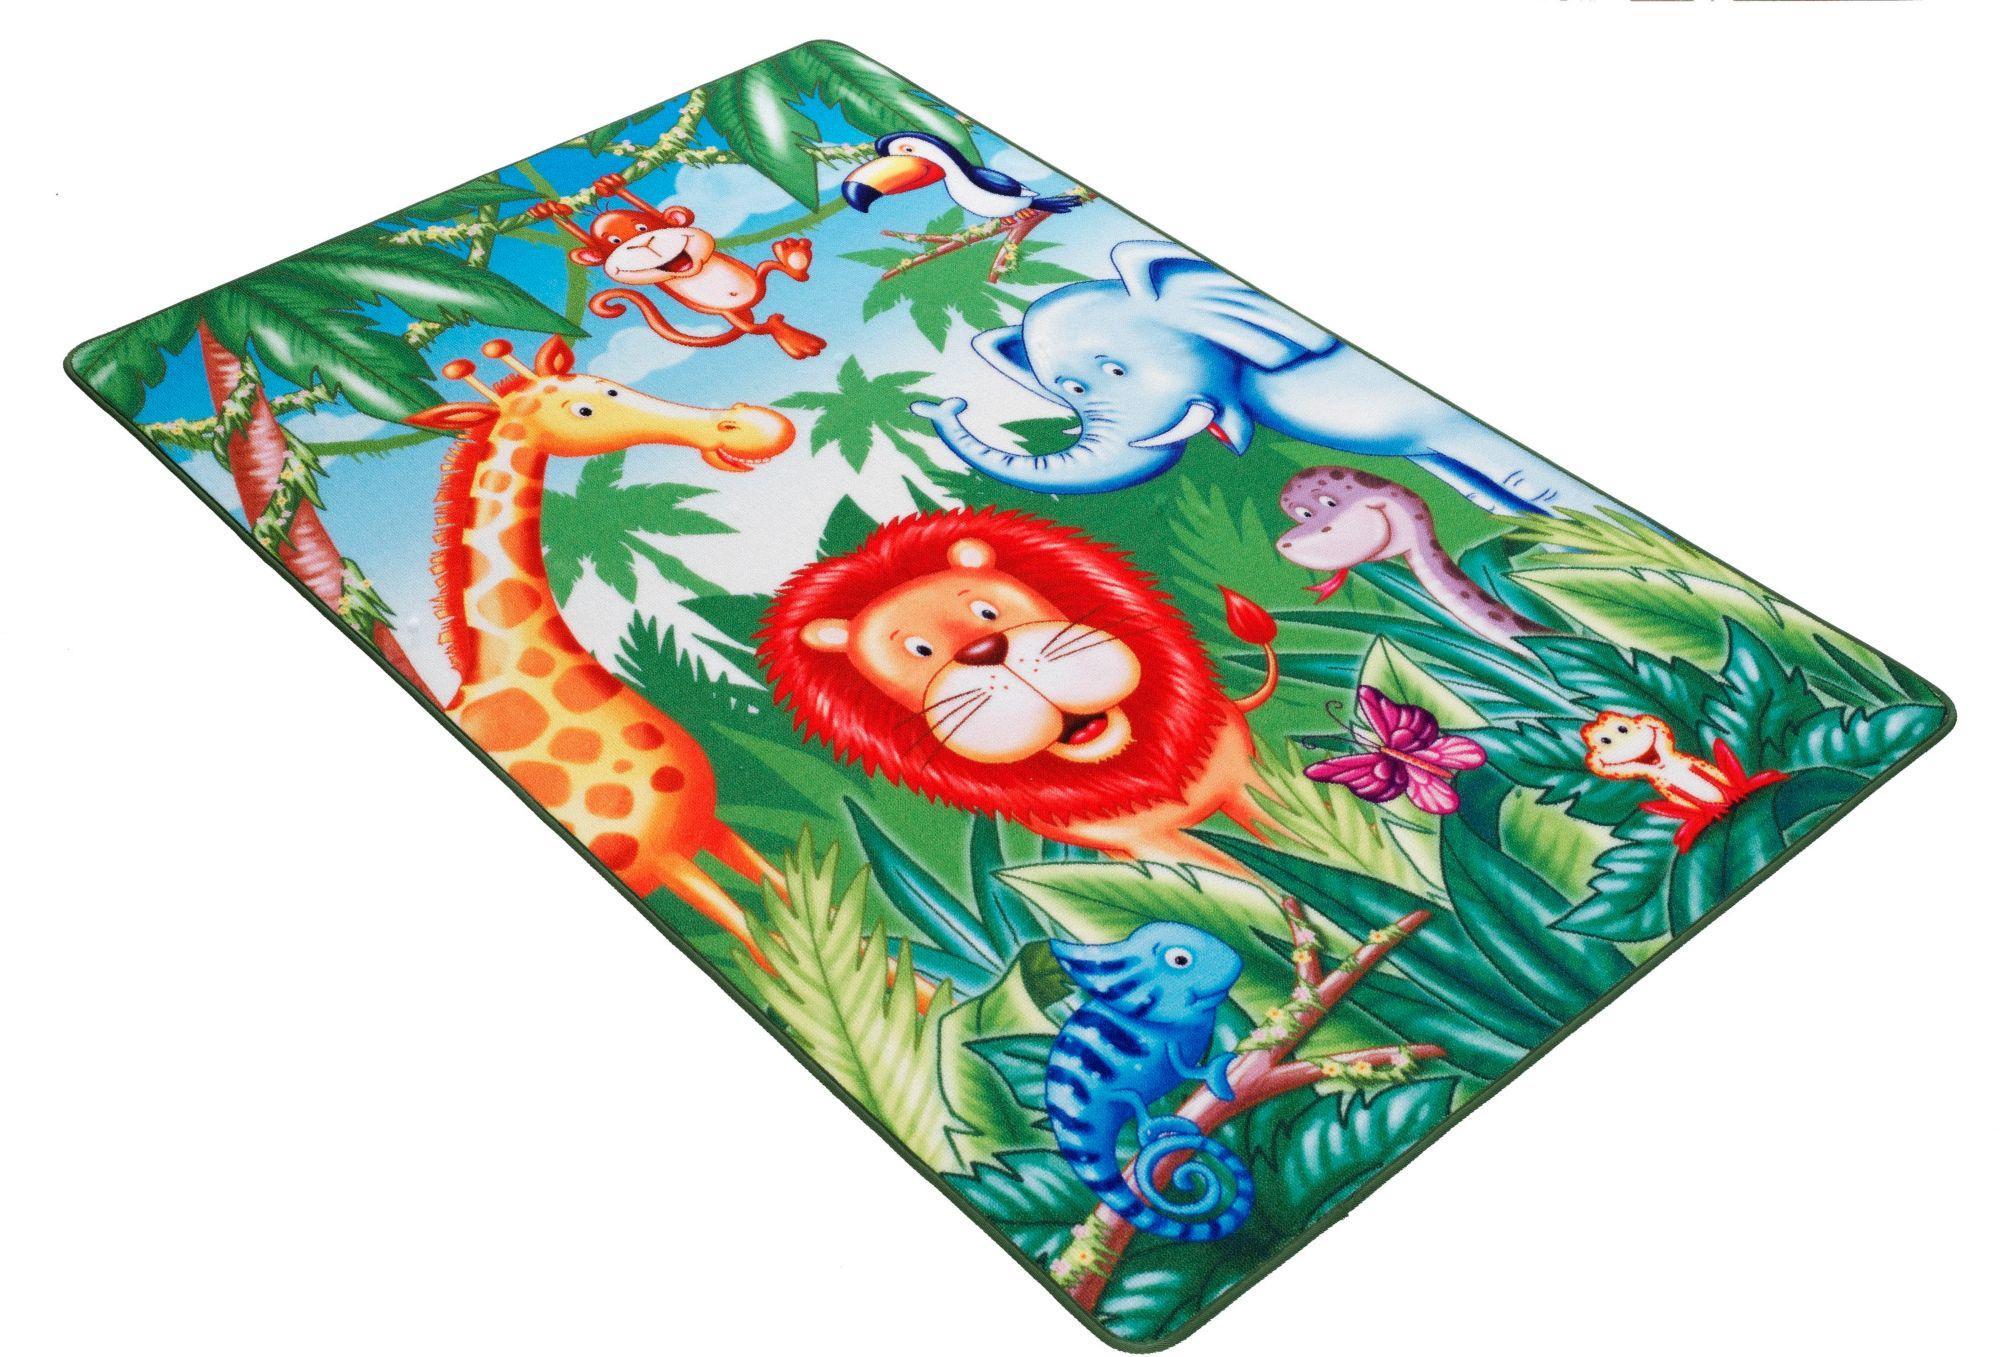 BÖING CARPET Kinder-Teppich, Böing Carpet, »Lovely Kids LK-6«